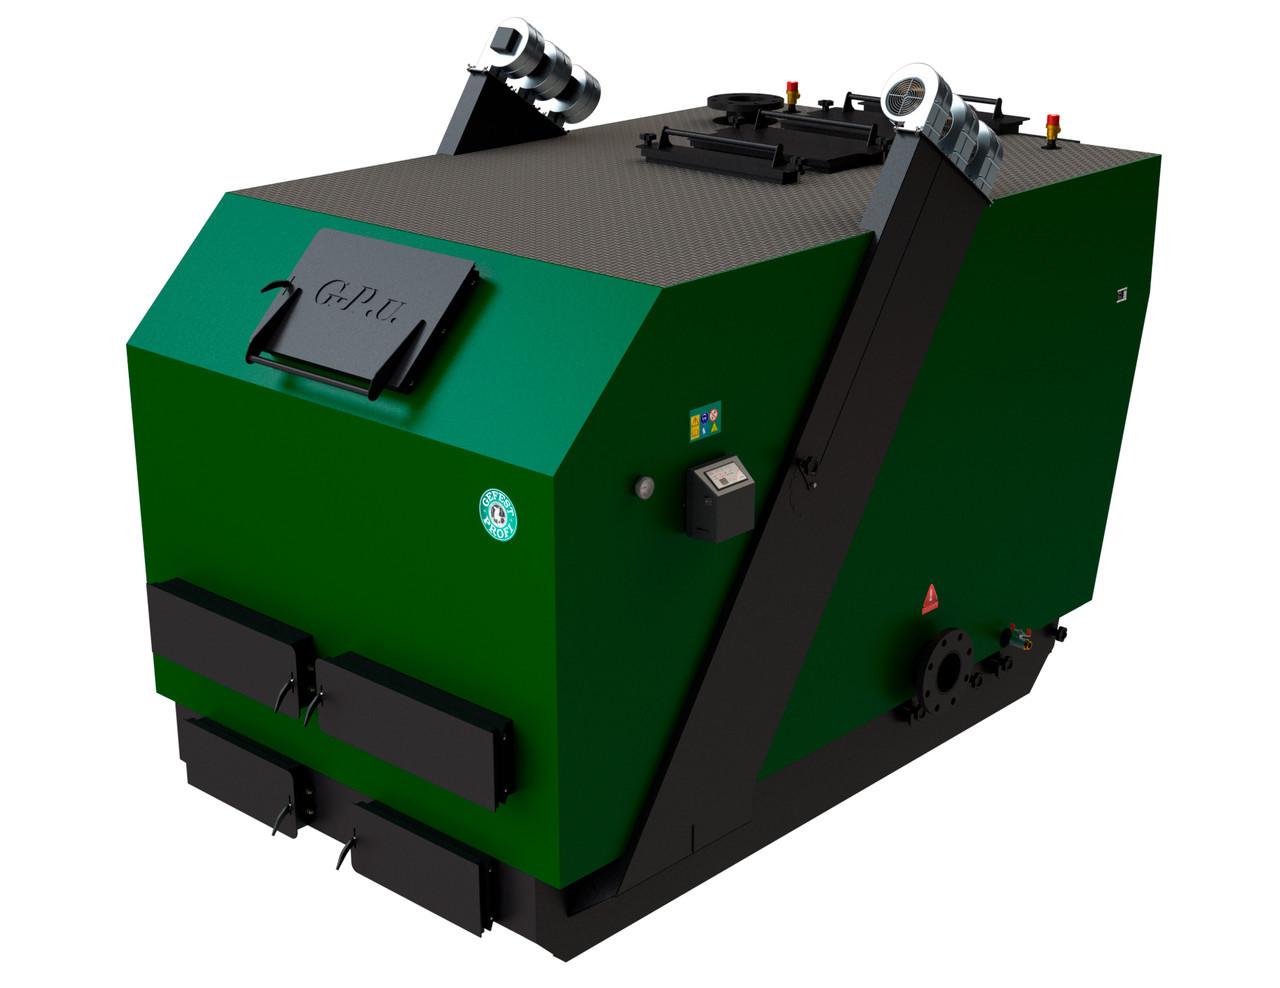 Отопительный промышленный котел на твердом топливе длительного горения Gefest profi U (Гефест-Профи У) 500 кВт